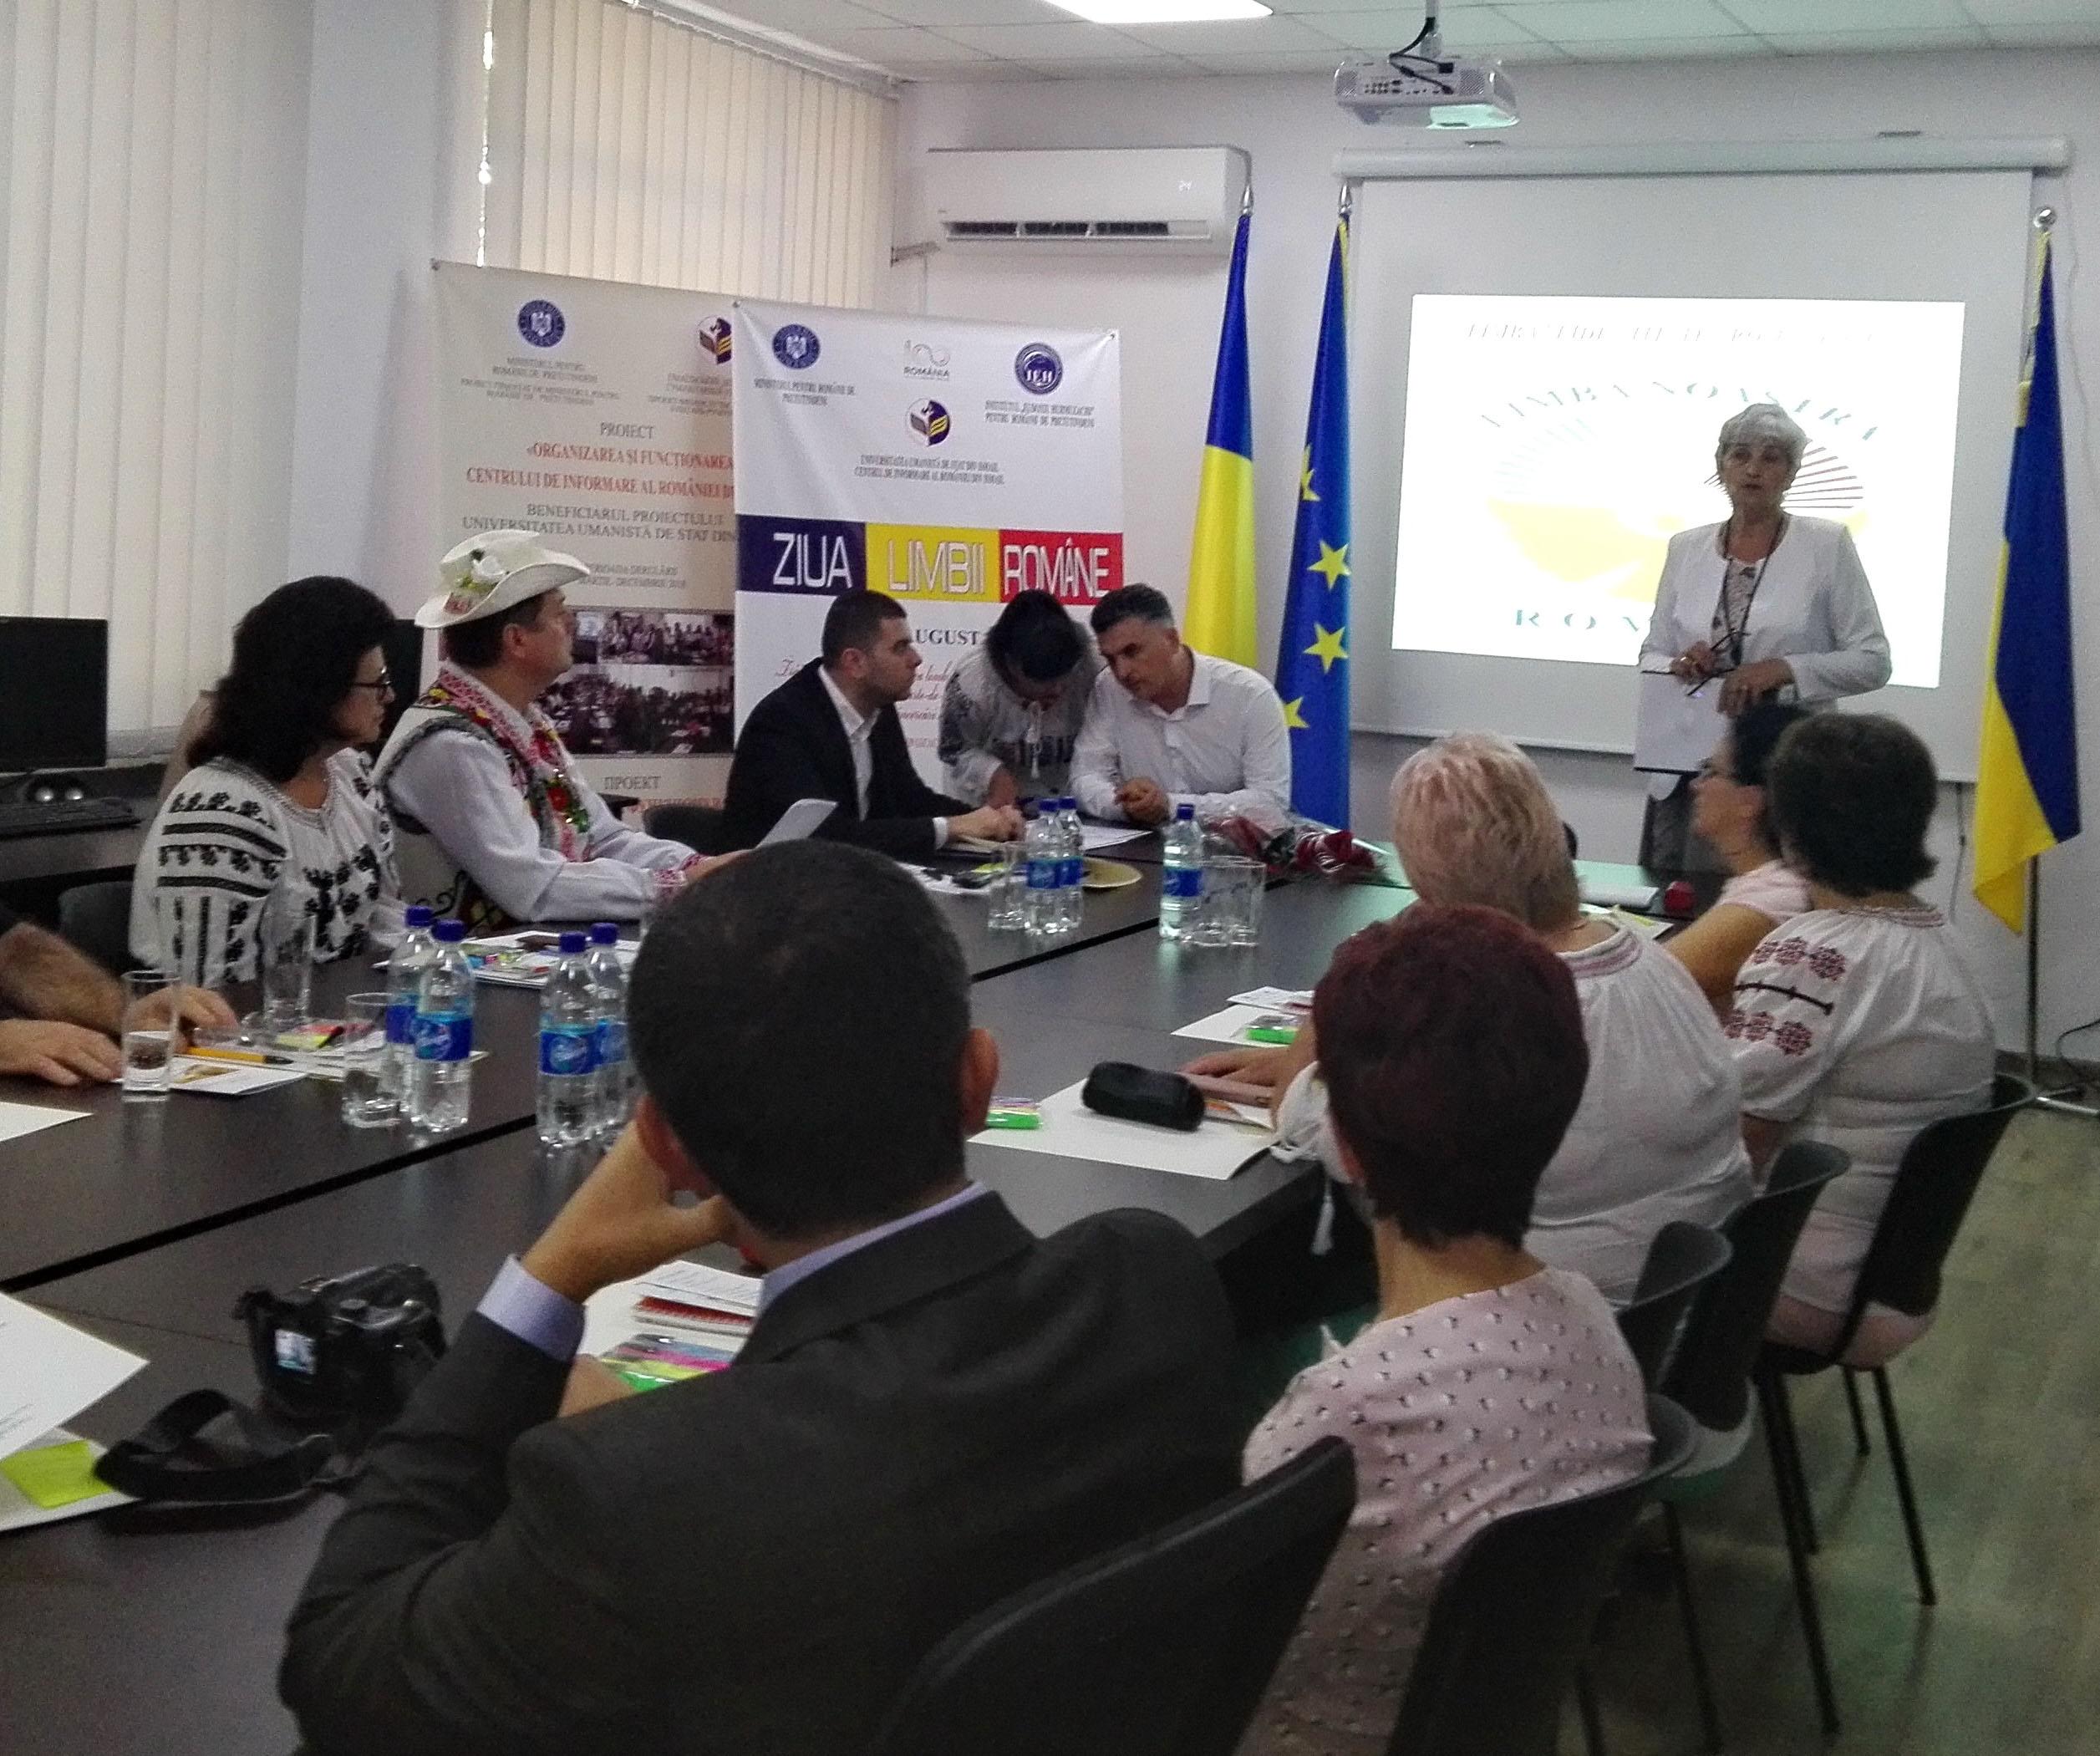 Ziua Limbii Române sărbătorită la Ismail